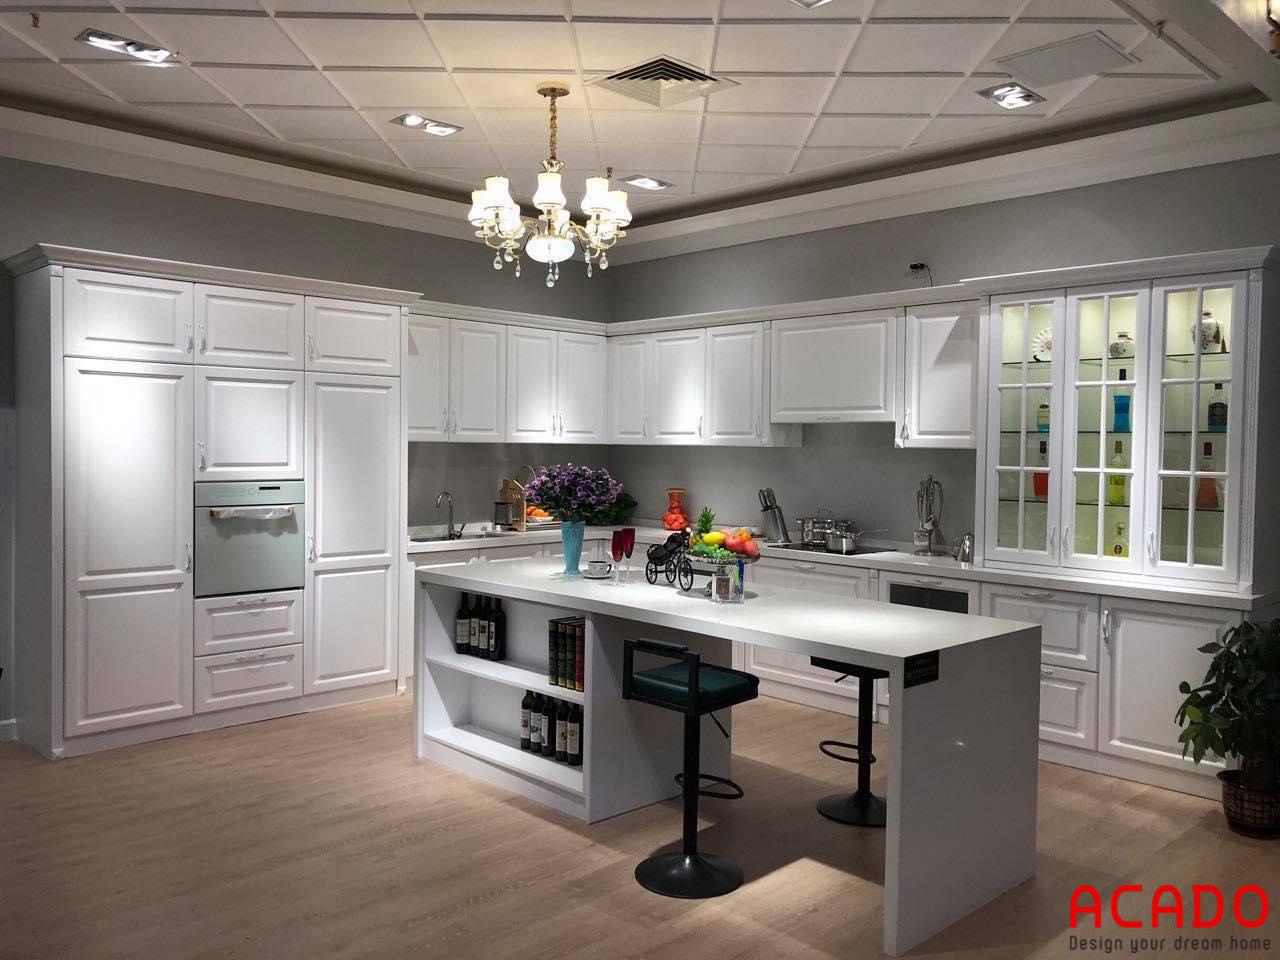 Bộ tủ bếp gỗ sồi sơn trắng mang vẻ đẹp tân cổ điển sang trọng, tinh tế